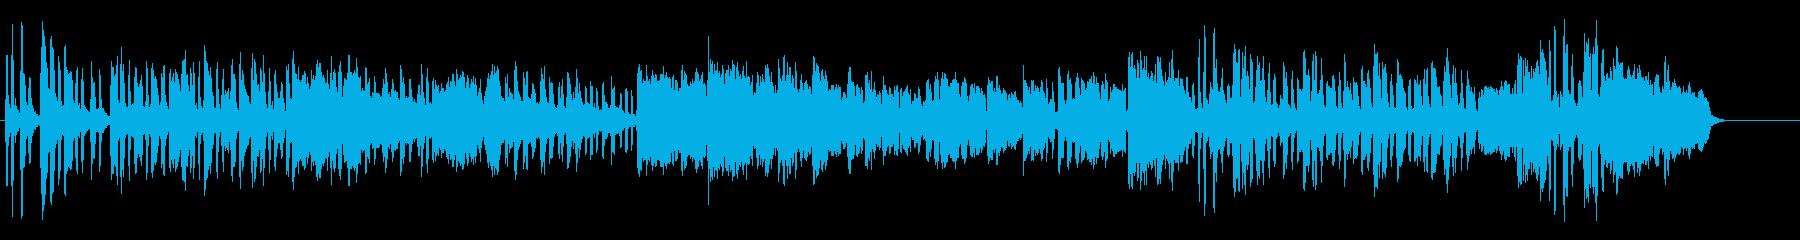 標準ジャズ。賛美歌。グロリウス。禁...の再生済みの波形